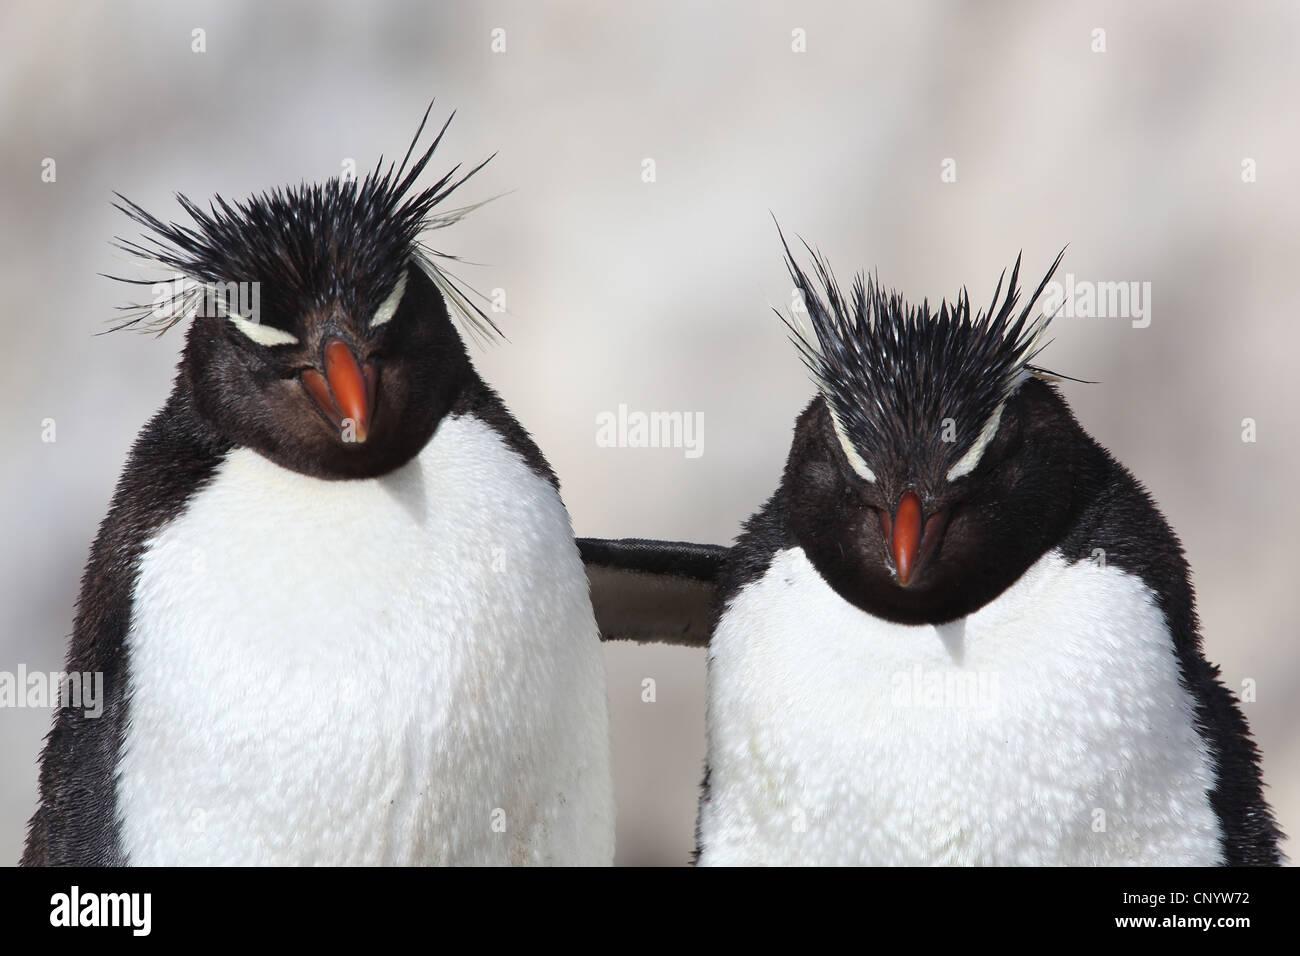 Pinguino saltaroccia (Eudyptes chrysocome), abbracciando, Argentina, Isola dei Pinguini Foto Stock